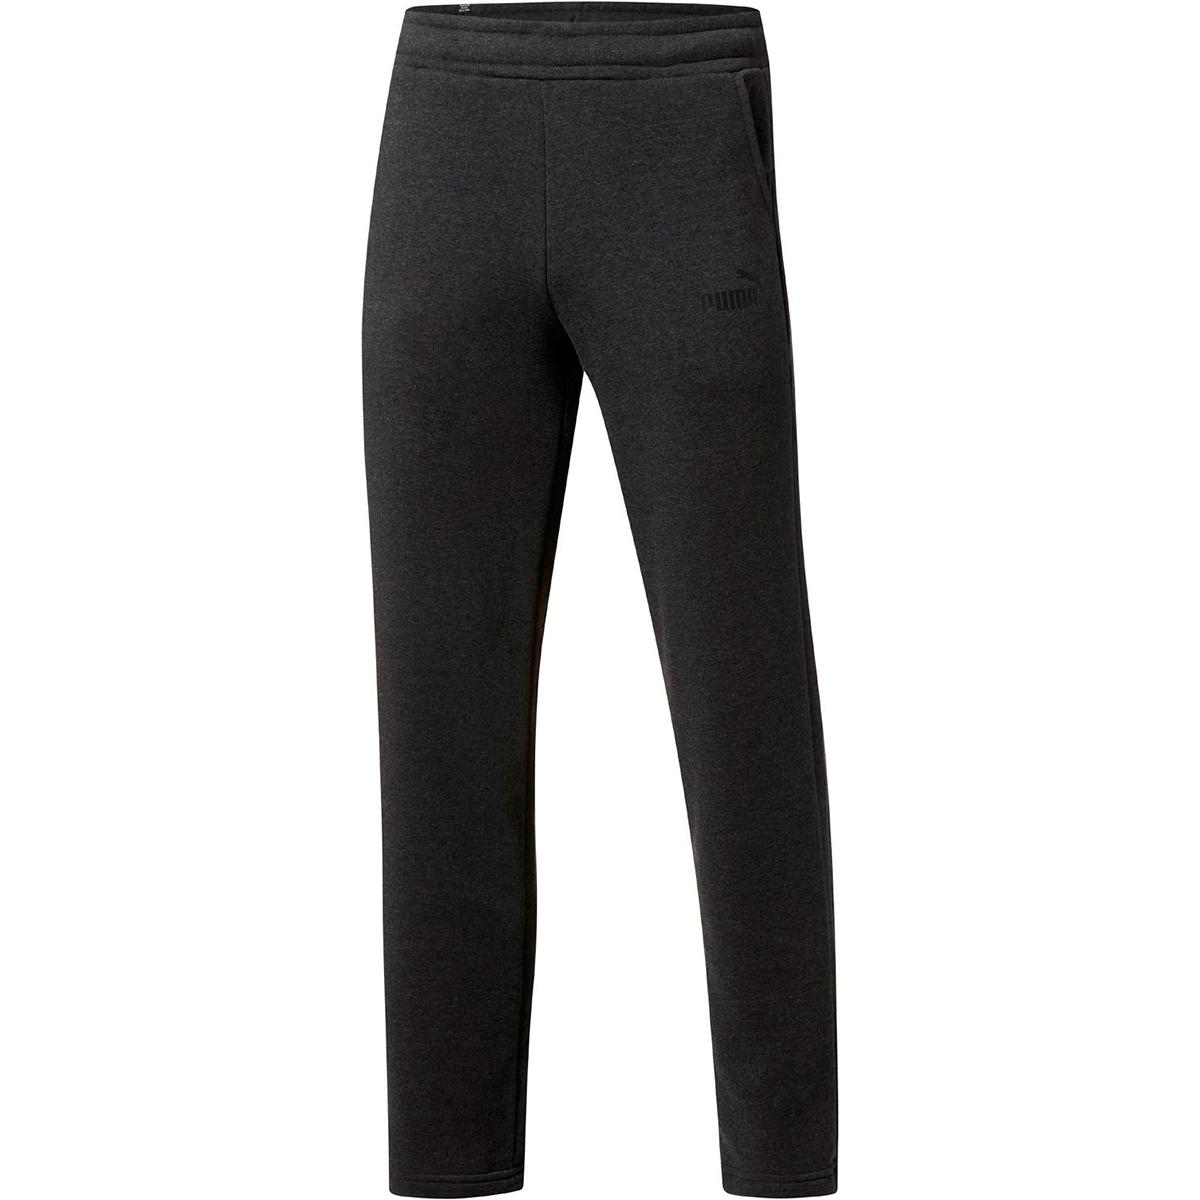 Puma Men's Essential Logo Open-Hem Pants - Black, L